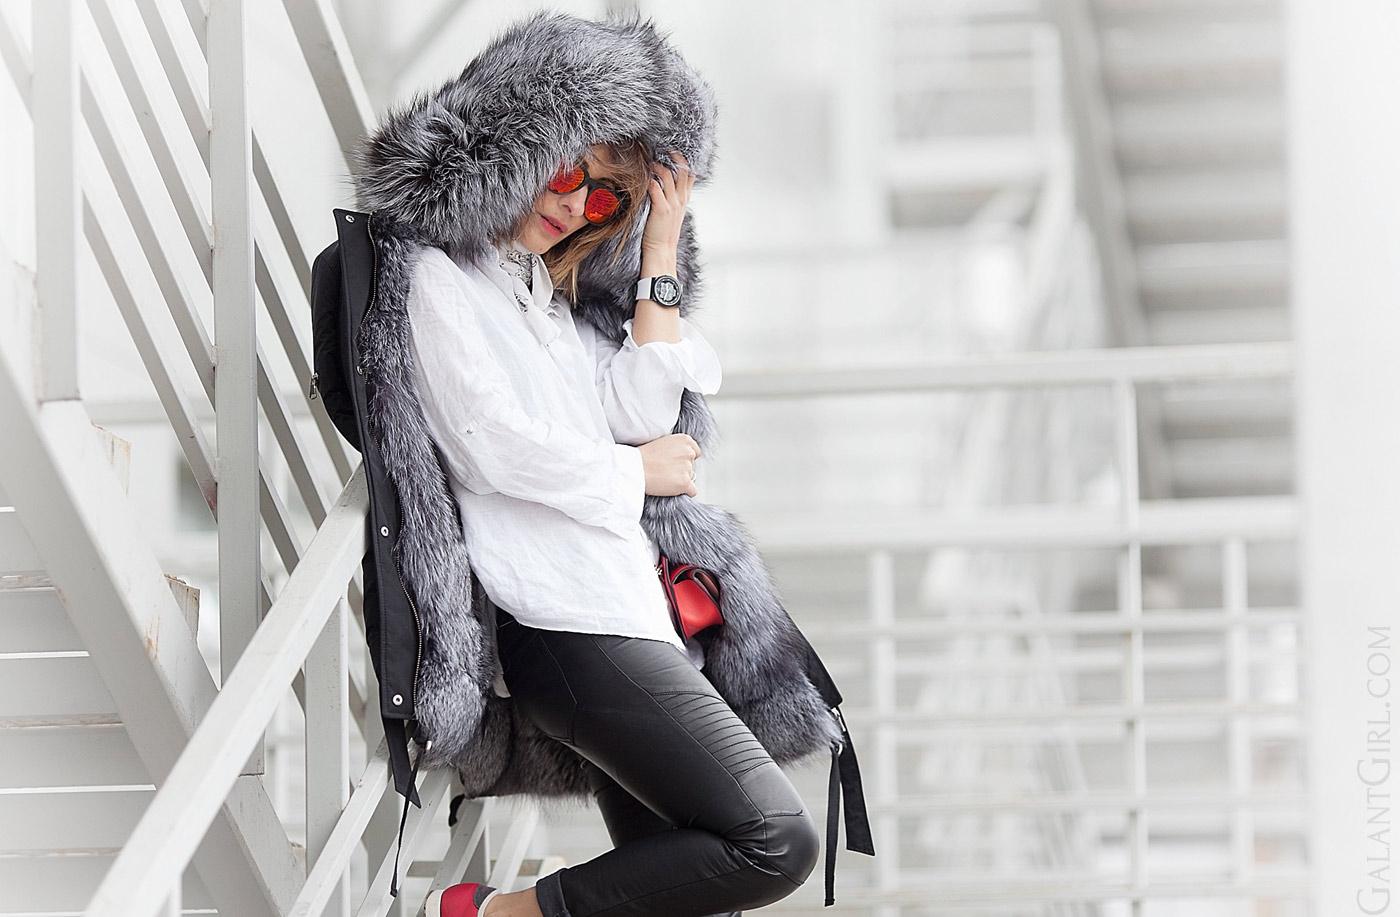 c901f61a8eba Fur parka. - Galant Girl - Блог о стиле и моде - Galant Girl – Блог ...